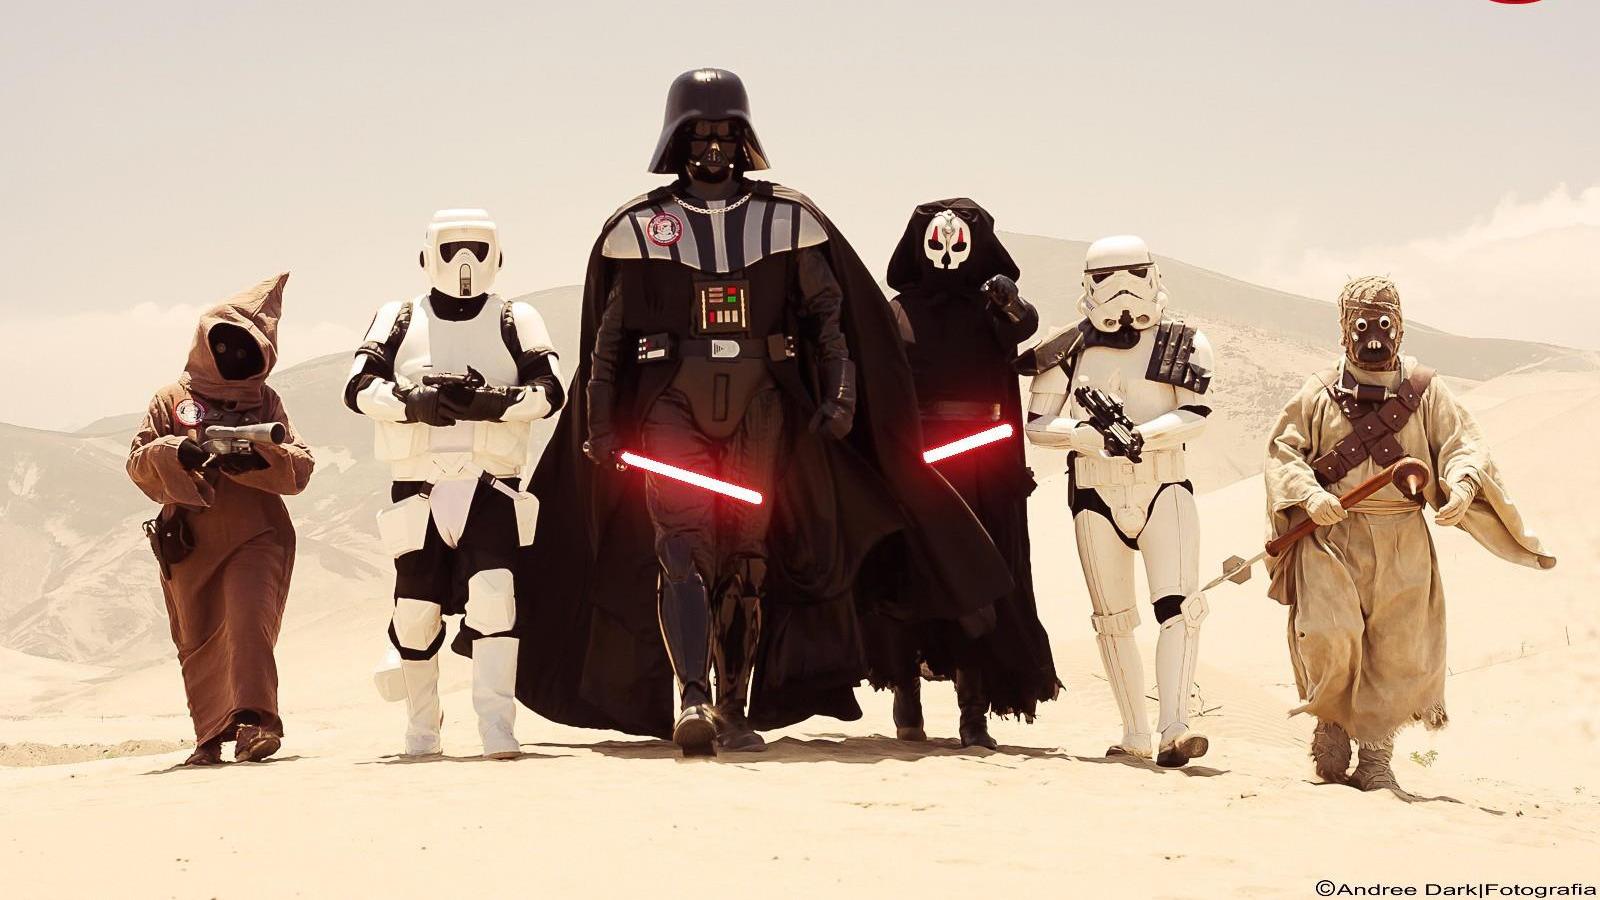 Los representantes de Ferias y Eventos S.A.C., organizadores de la convención, anunciaron gratas sorpresas para los fanáticos de Star Wars.